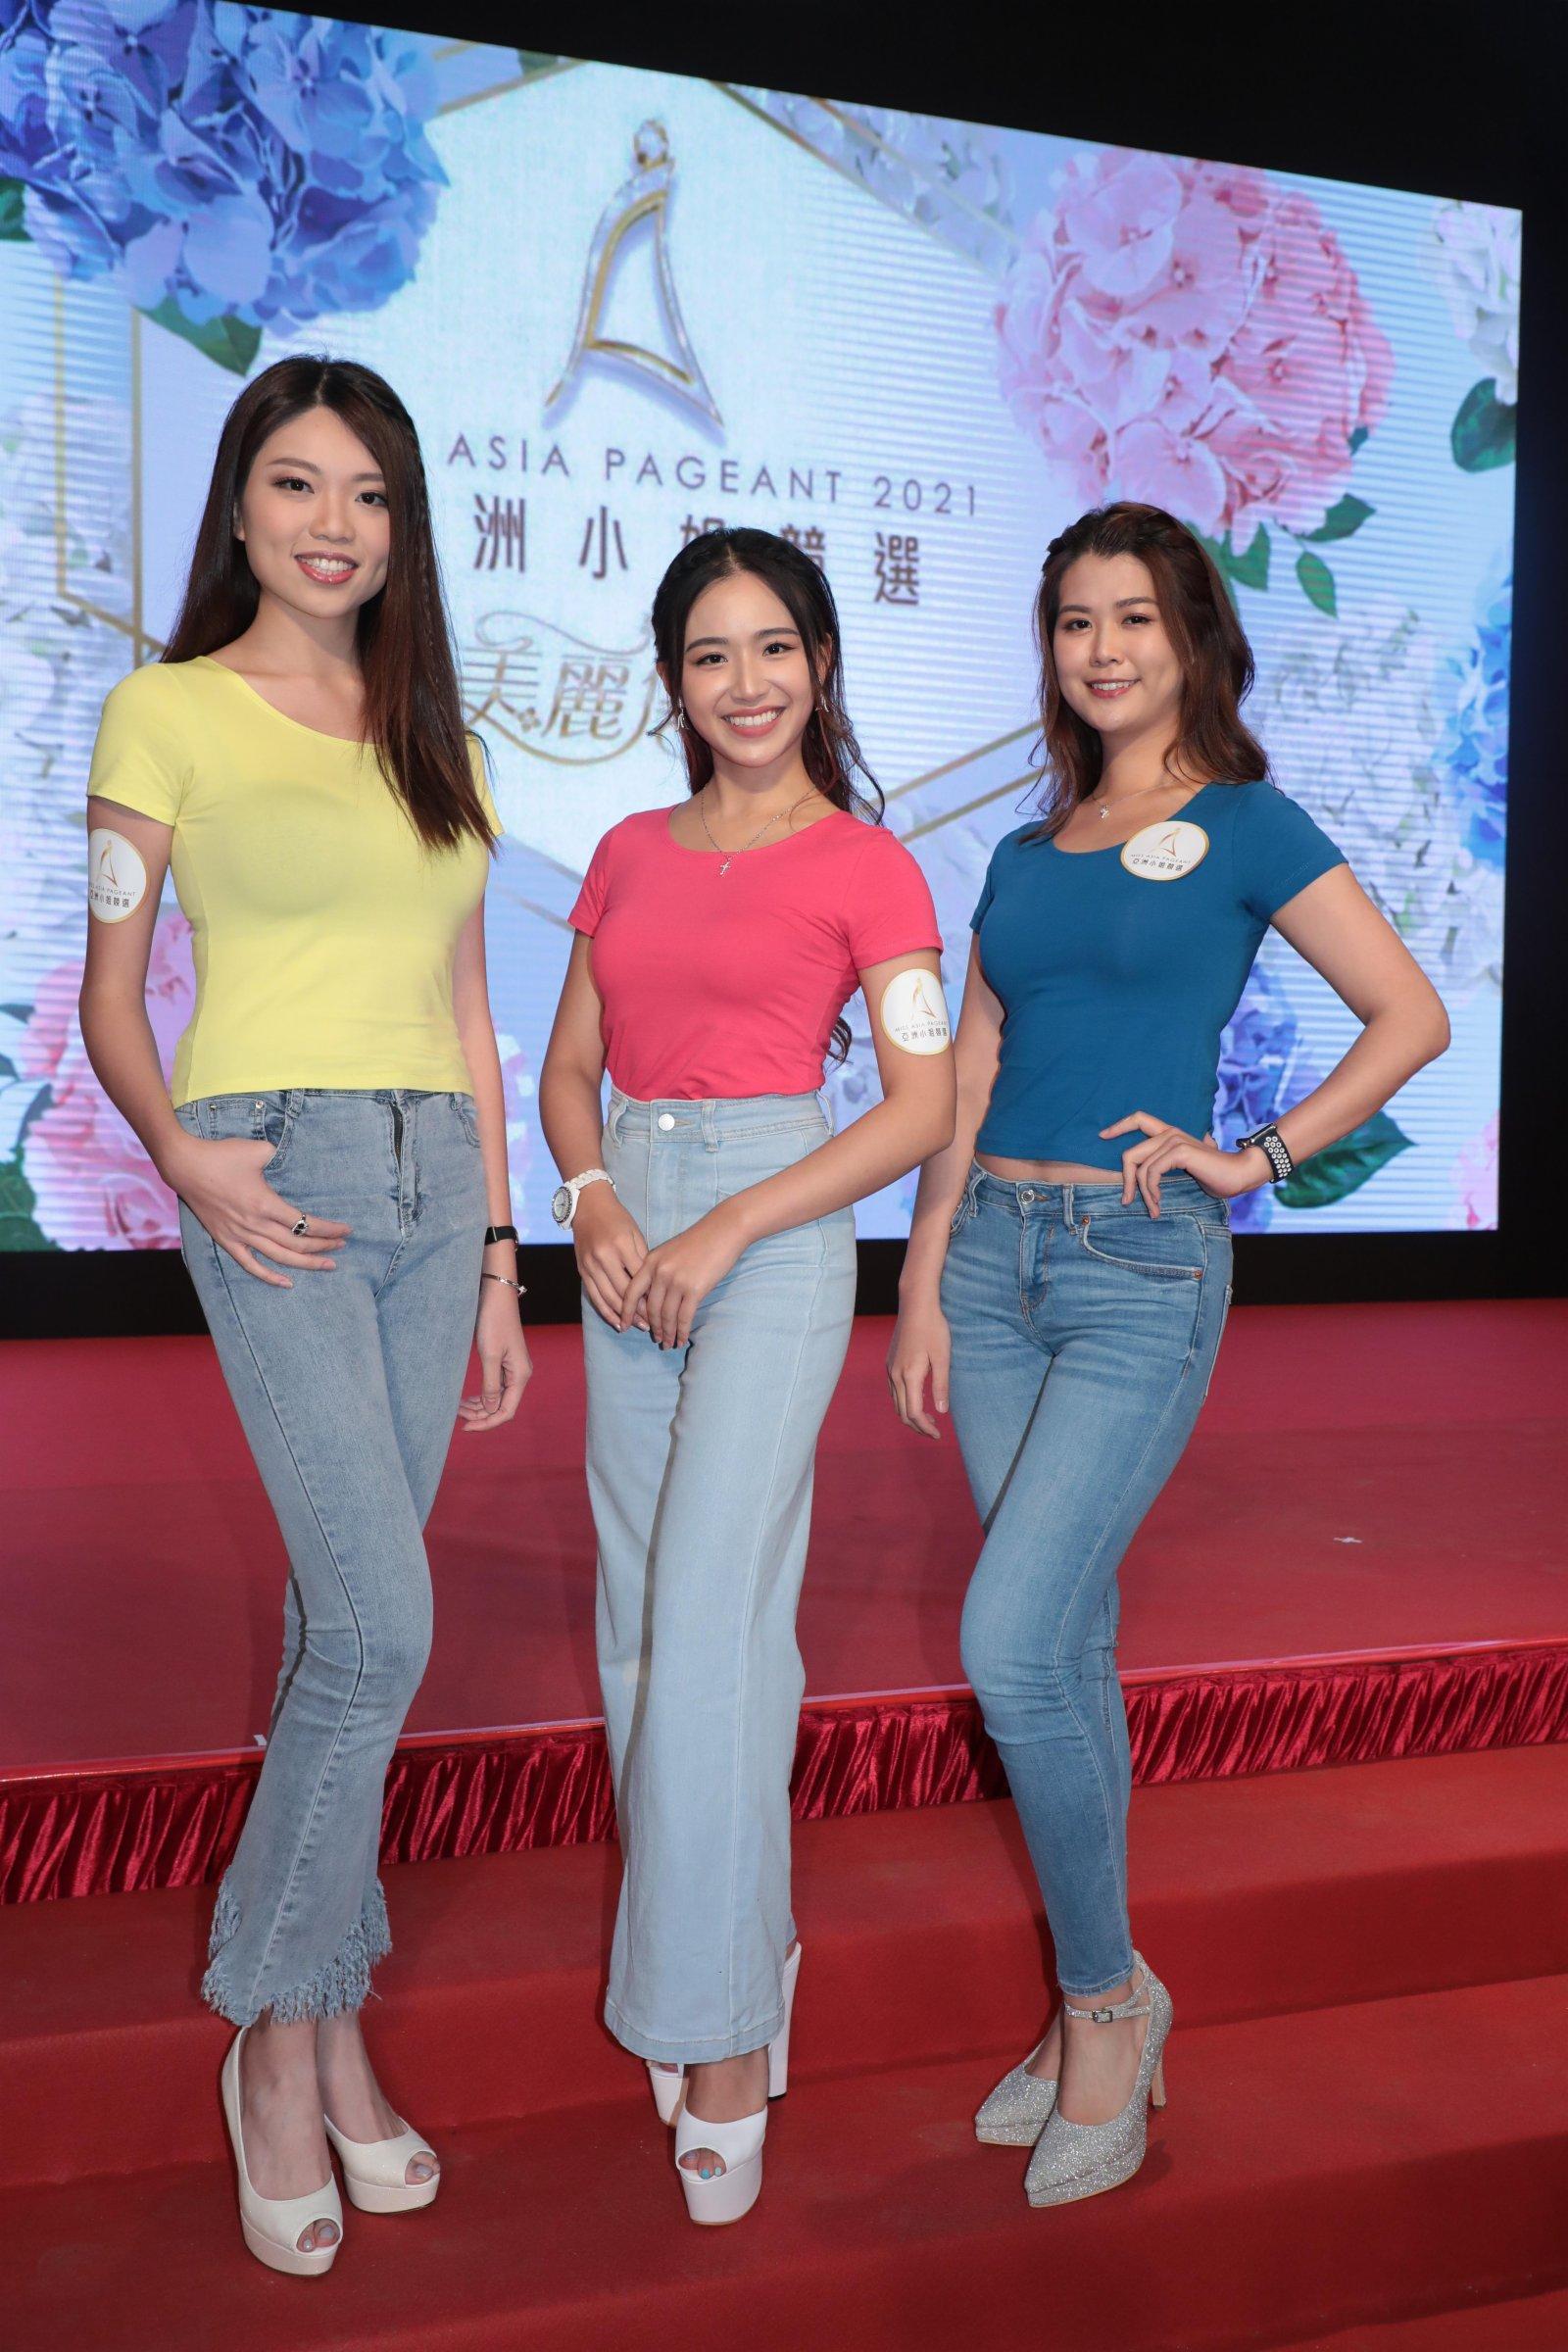 歷屆亞洲小姐張可盈(左起)、范莎莎、彭紫荊出席宣傳(香港中通社)